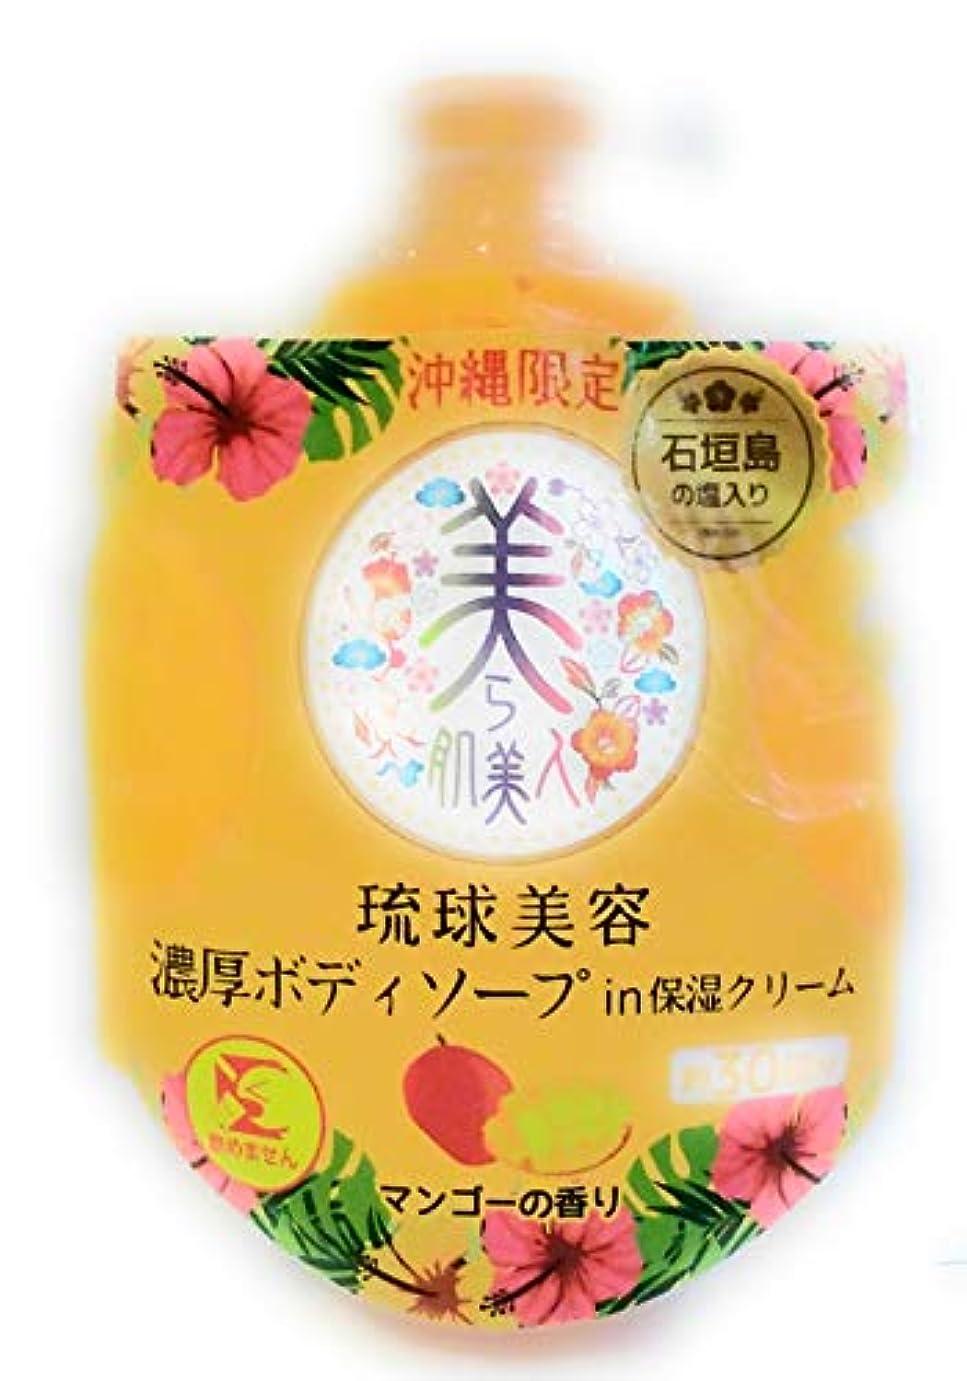 役割根拠ヤギ沖縄限定 美ら肌美人 琉球美容濃厚ボディソープin保湿クリーム マンゴーの香り